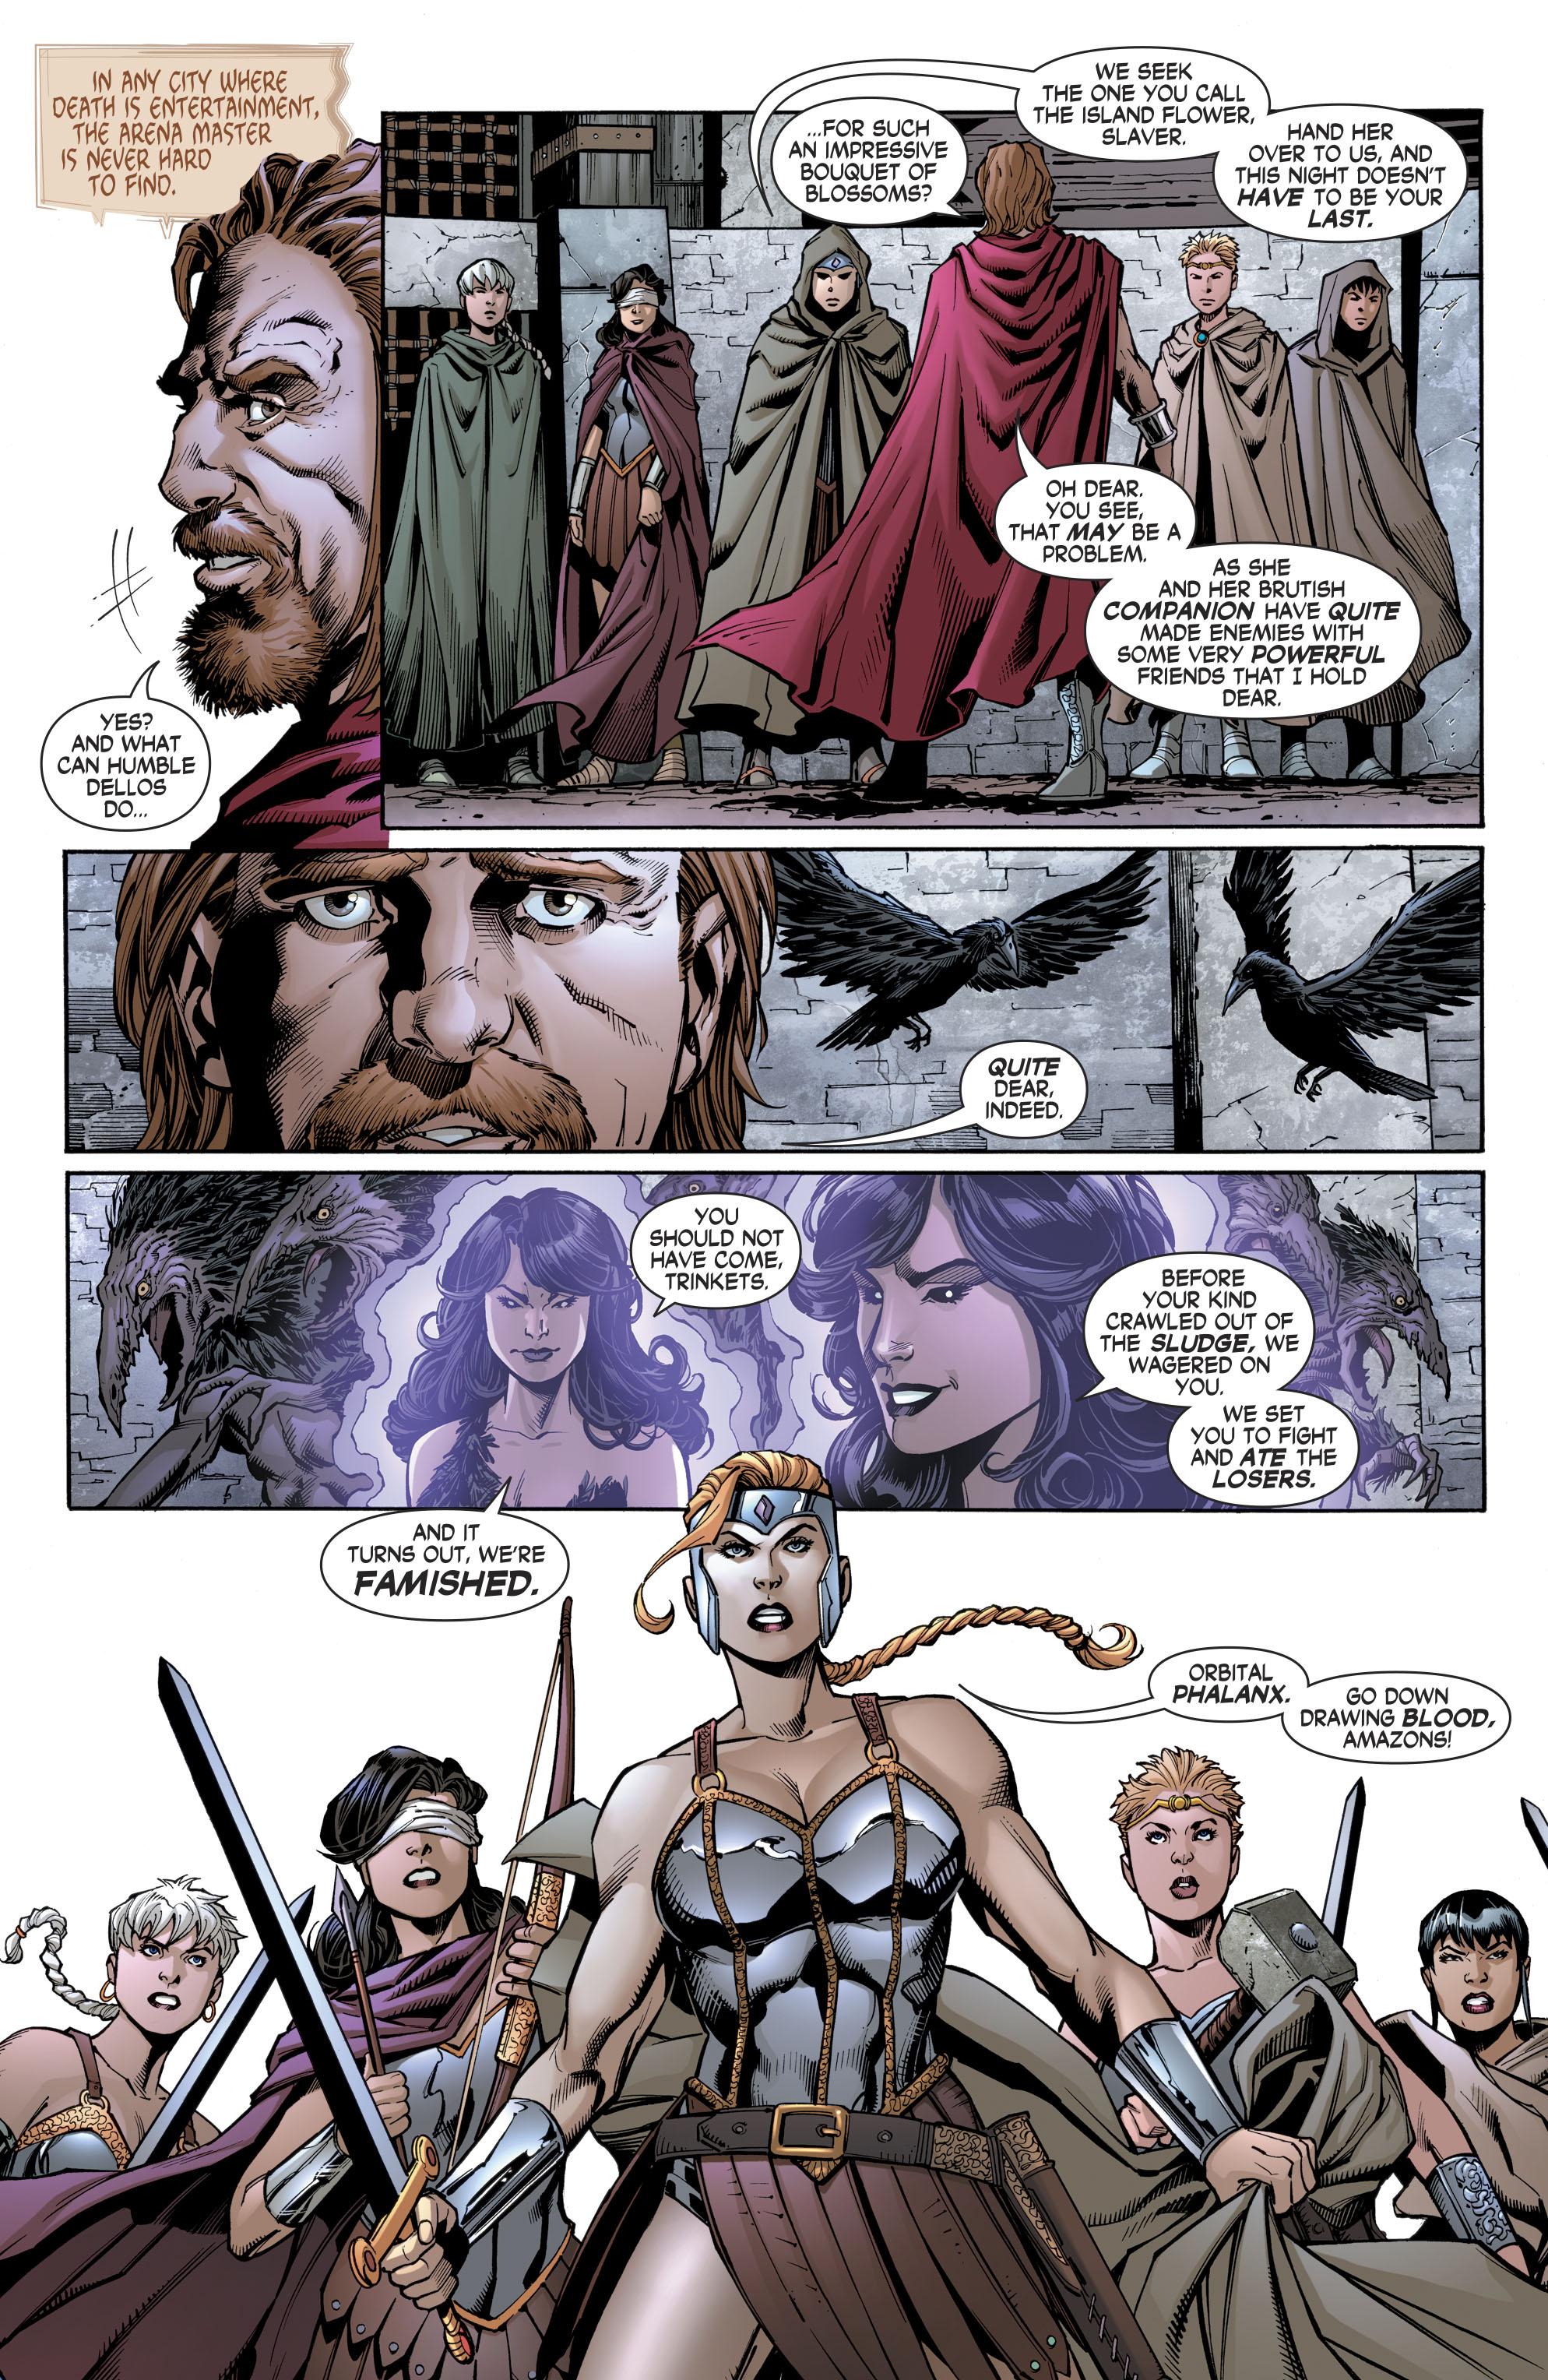 Wonder Woman Conan 2017 005 013